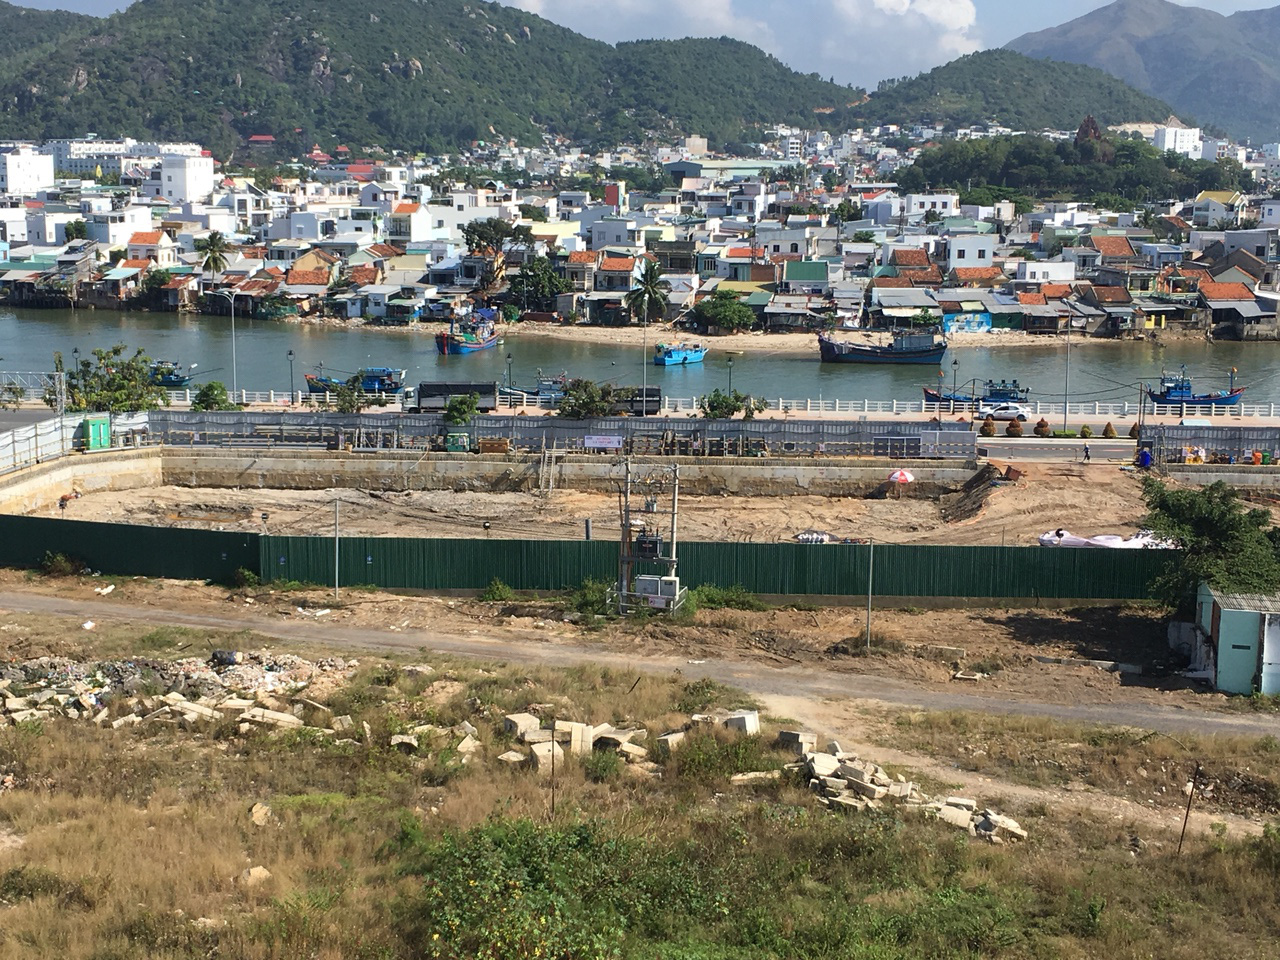 Khánh Hòa: Dự án The Aston Luxury Residence - Nha Trang lách luật để huy động vốn và rao bán rầm rộ - Ảnh 5.